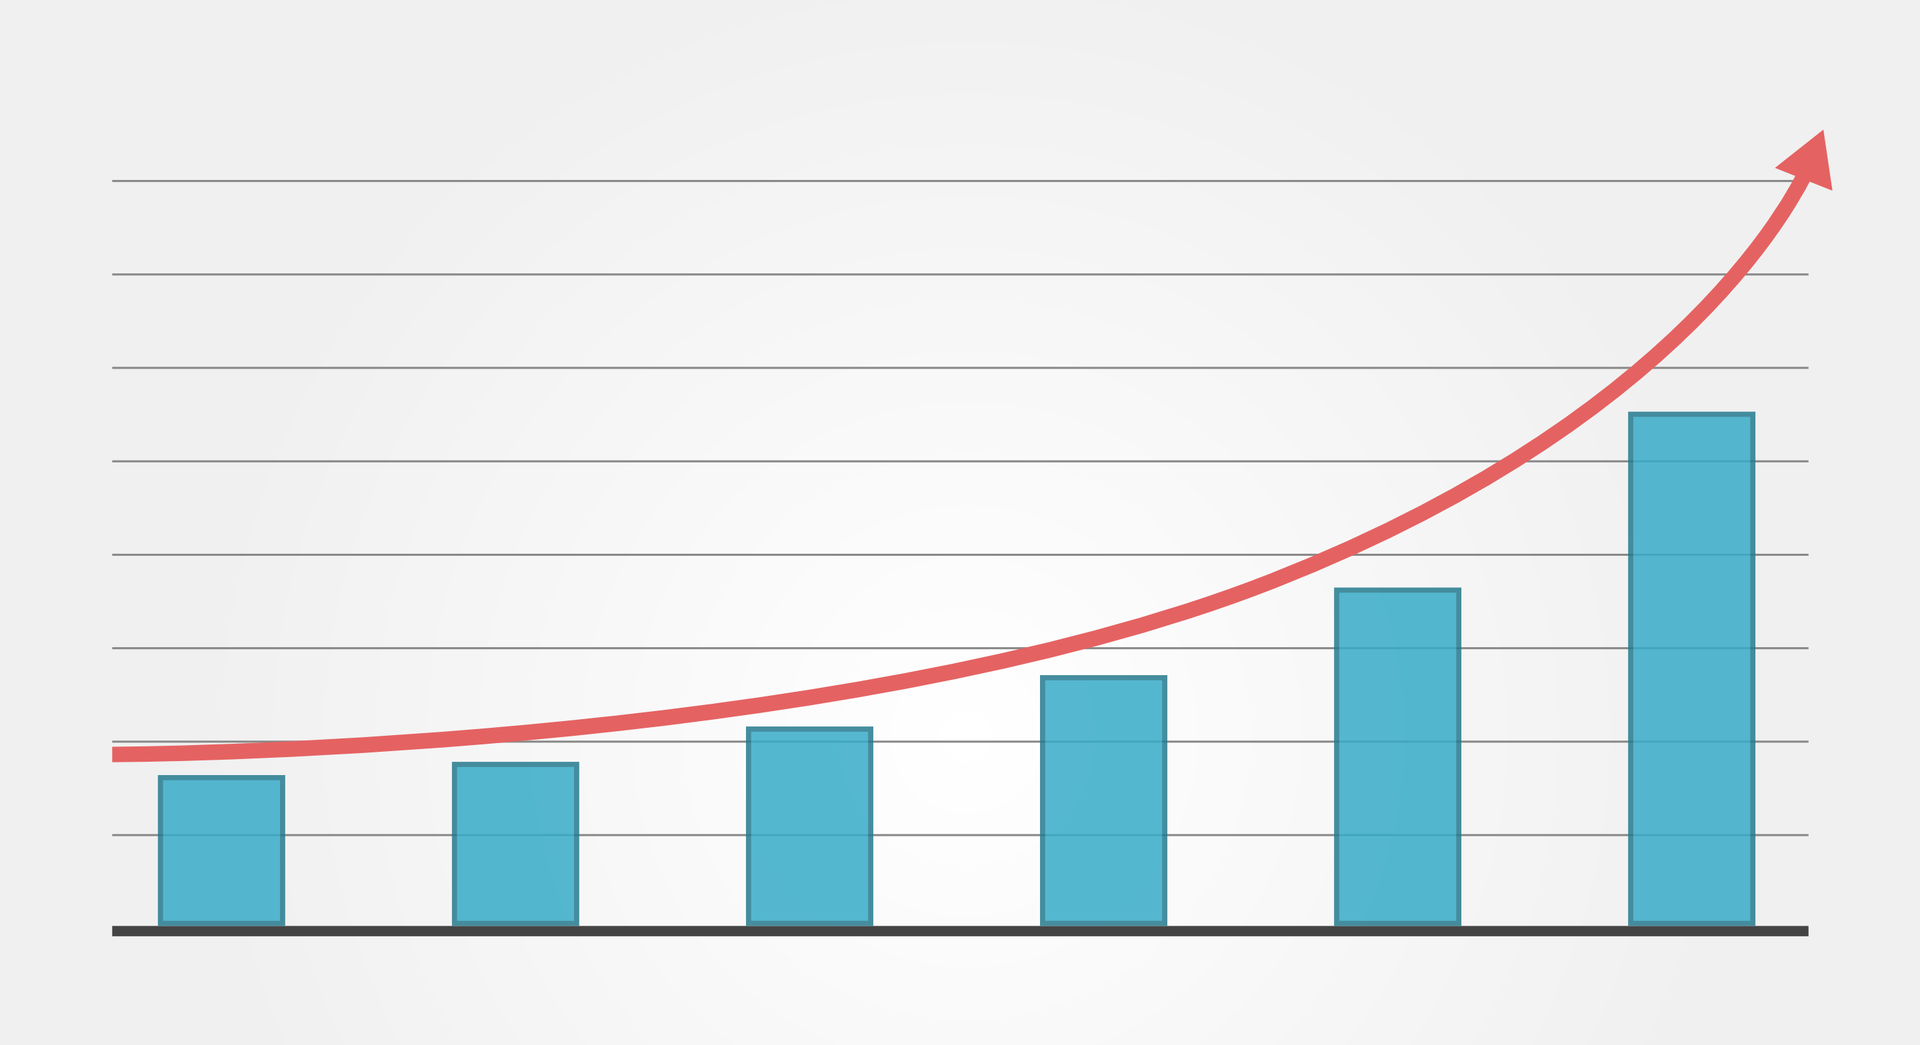 Ruch jednostajnie przyspieszonyIlustracja przedstawia wykres kolumnowy. Tło jasne. Na dole czarna, pozioma linia. Wzdłuż linii umieszczono sześć kolumn. Kolumny niebieskie, prostokątne. Wszystkie mają taką samą długość krótszego boku. Kolumny od najniższej do najwyższej (według dłuższego boku). Nad wszystkimi kolumnami poprowadzono wznoszącą się, czerwoną strzałkę. Grot zwrócony do prawego, górnego rogu ilustracji.